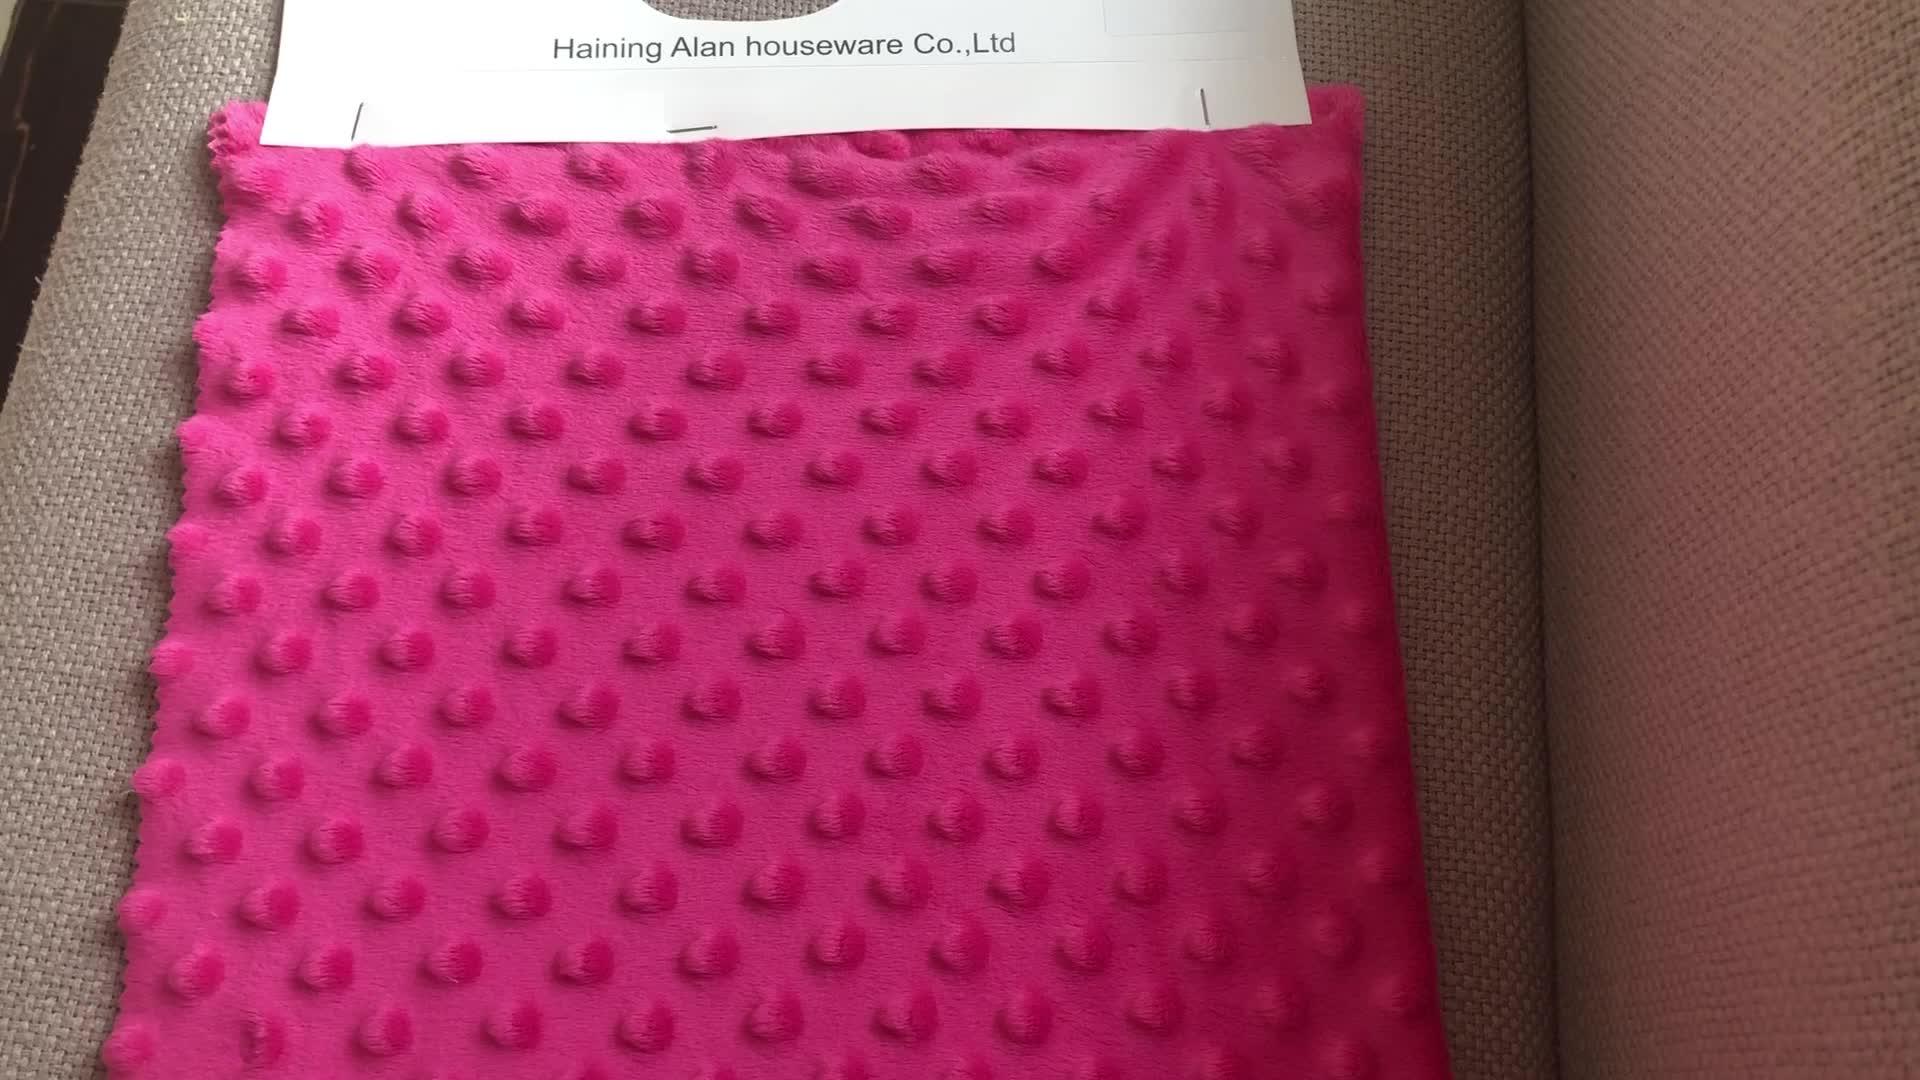 Tốt nhất bán thương mại đảm bảo dot minky mềm đồ chơi sang trọng vải cho dệt may